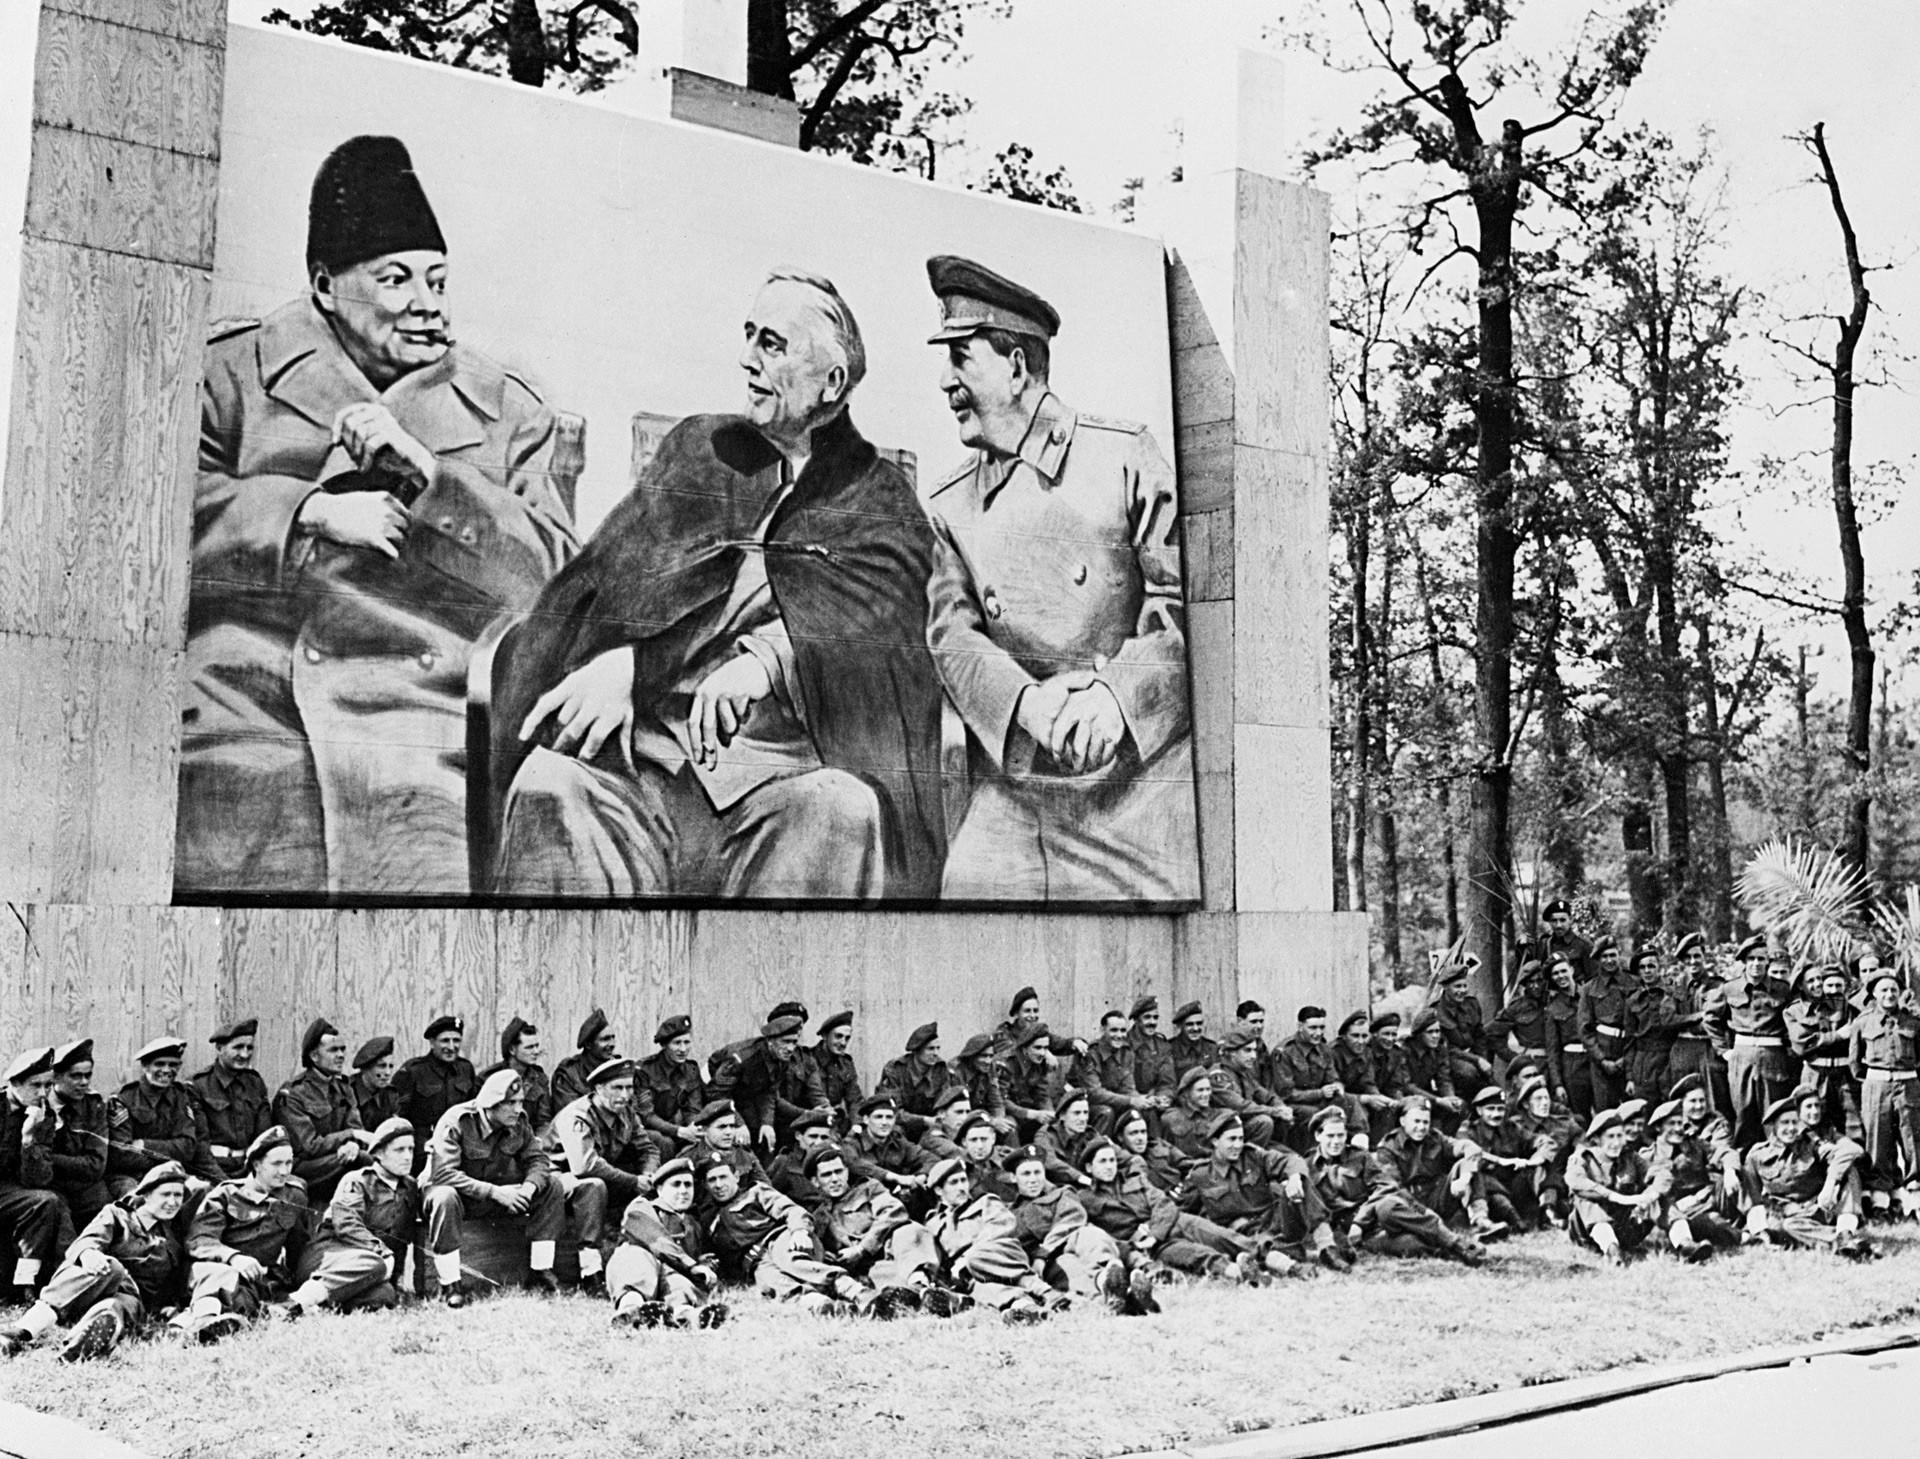 Британски војници, учесници Параде победе савезника у Берлину, одмарају се испод великог плаката са портретима Черчила, Рузвелта и Стаљина у Јалти.